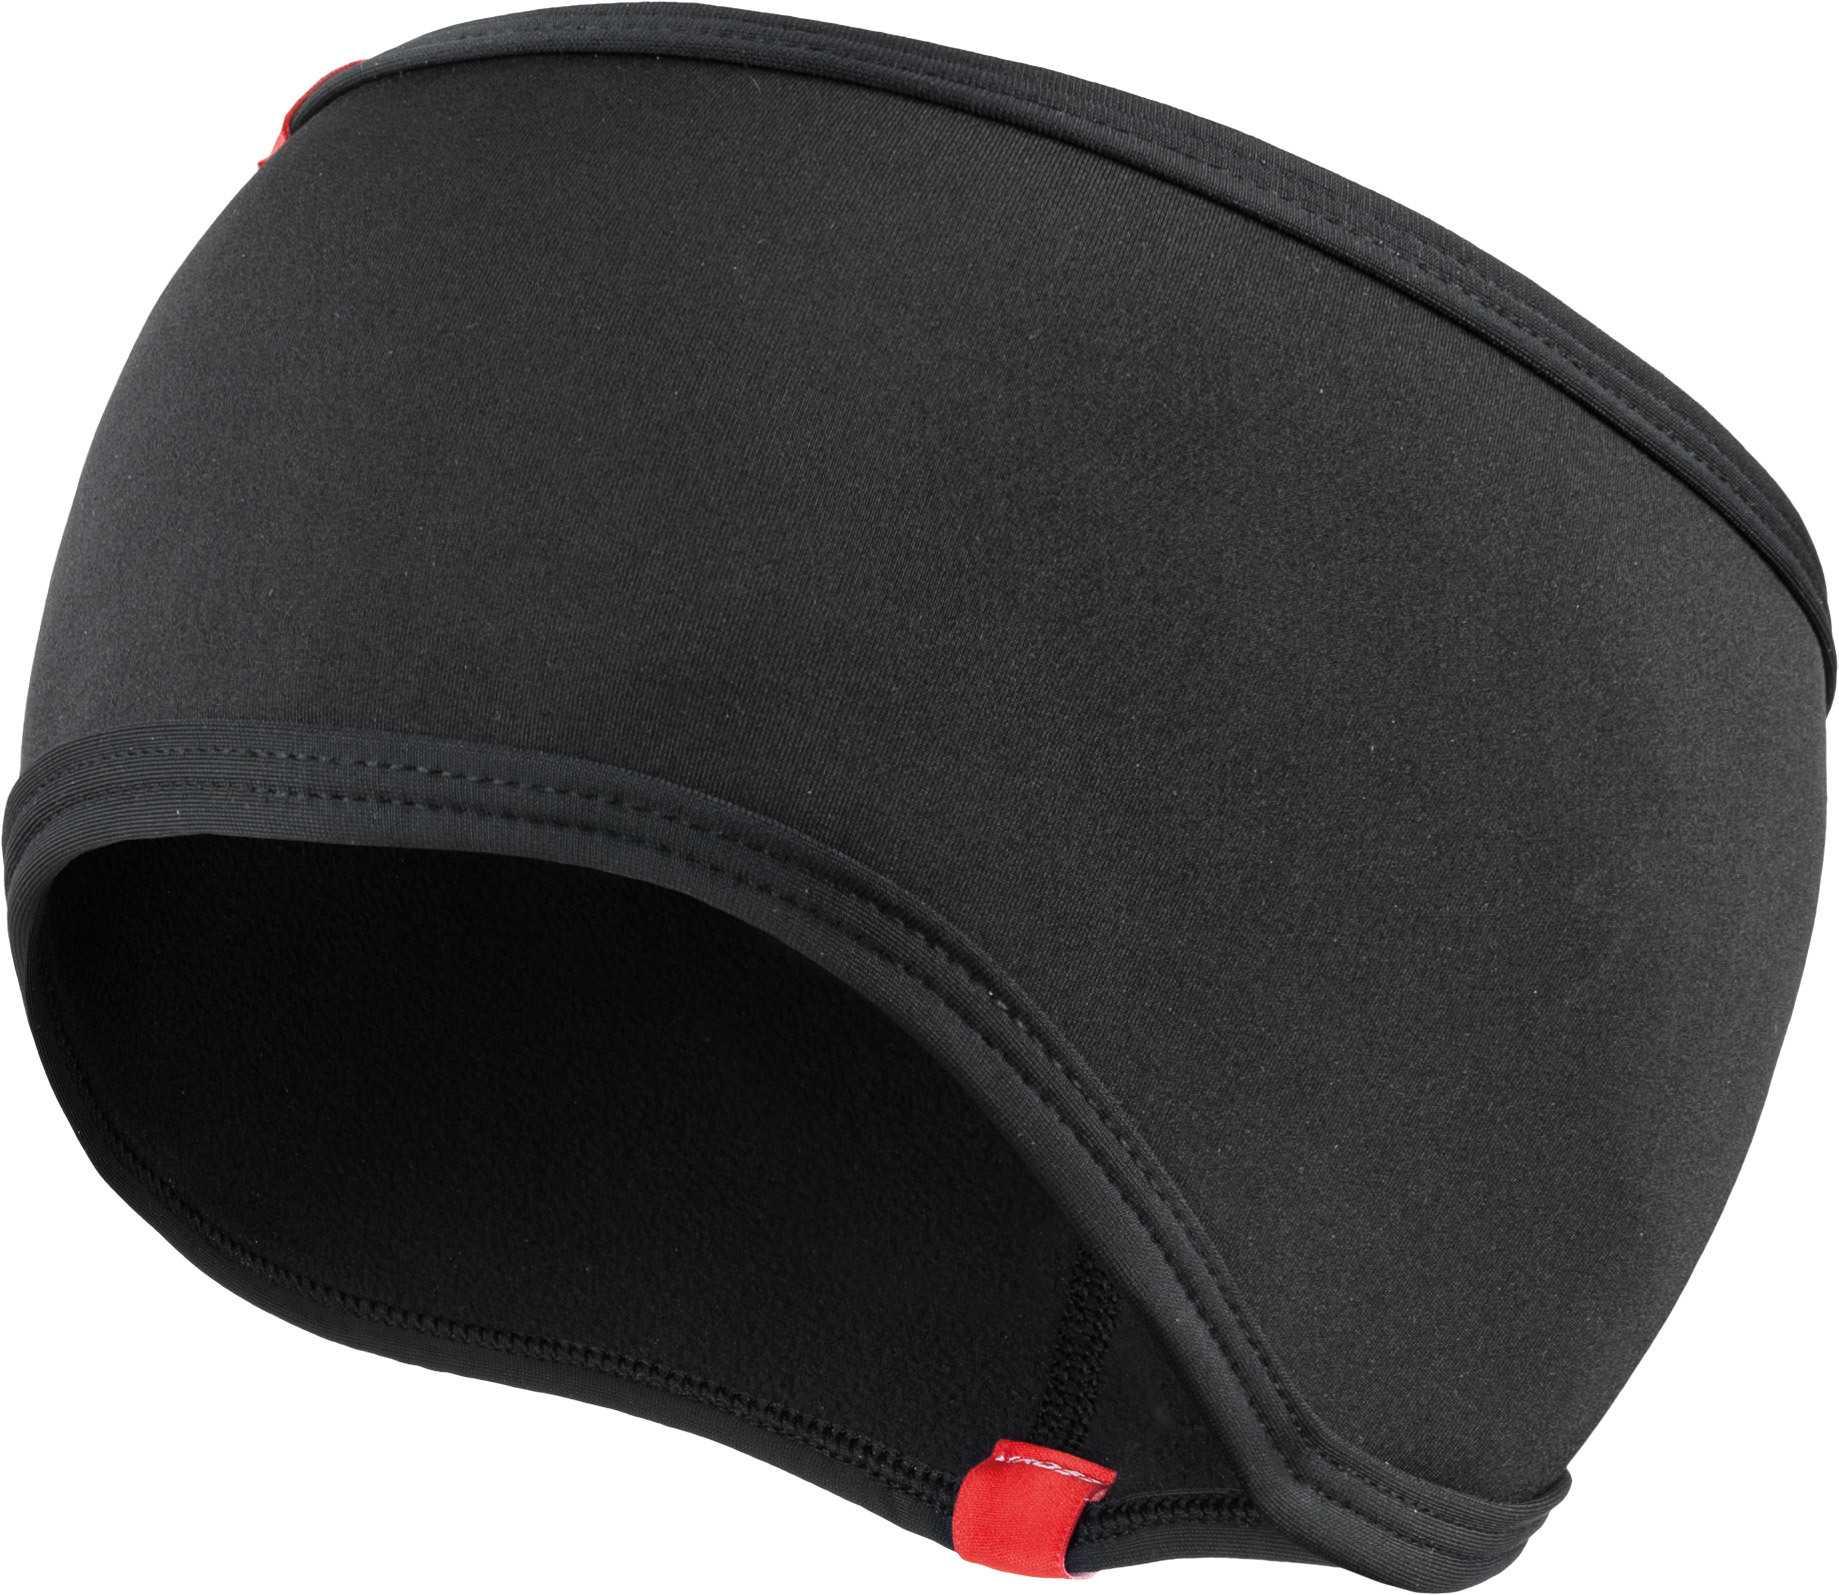 Pannband Kross Wrap svart small/medium